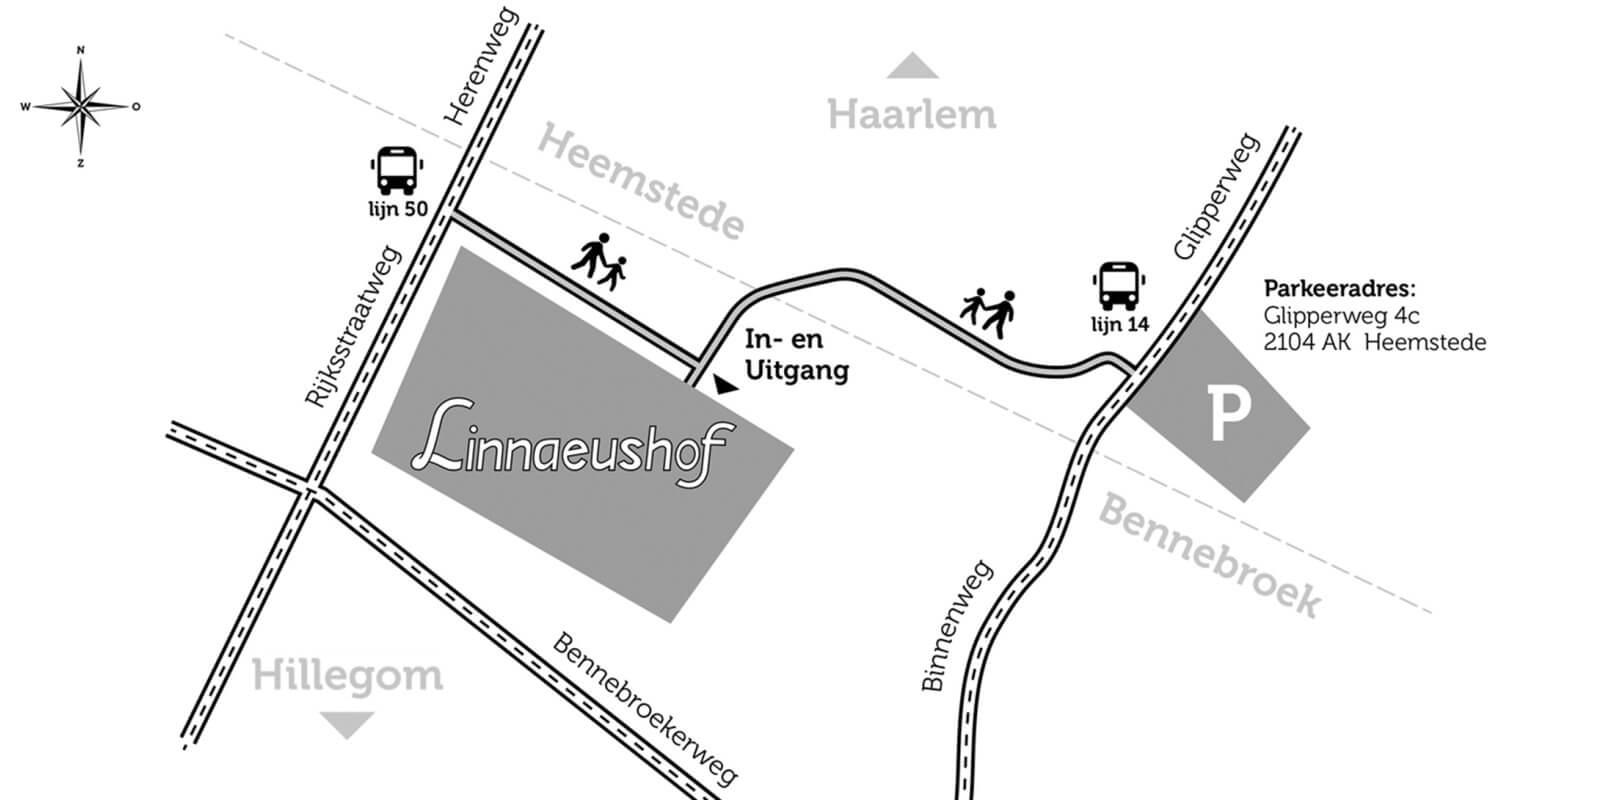 Plattegrond route linnaeushof